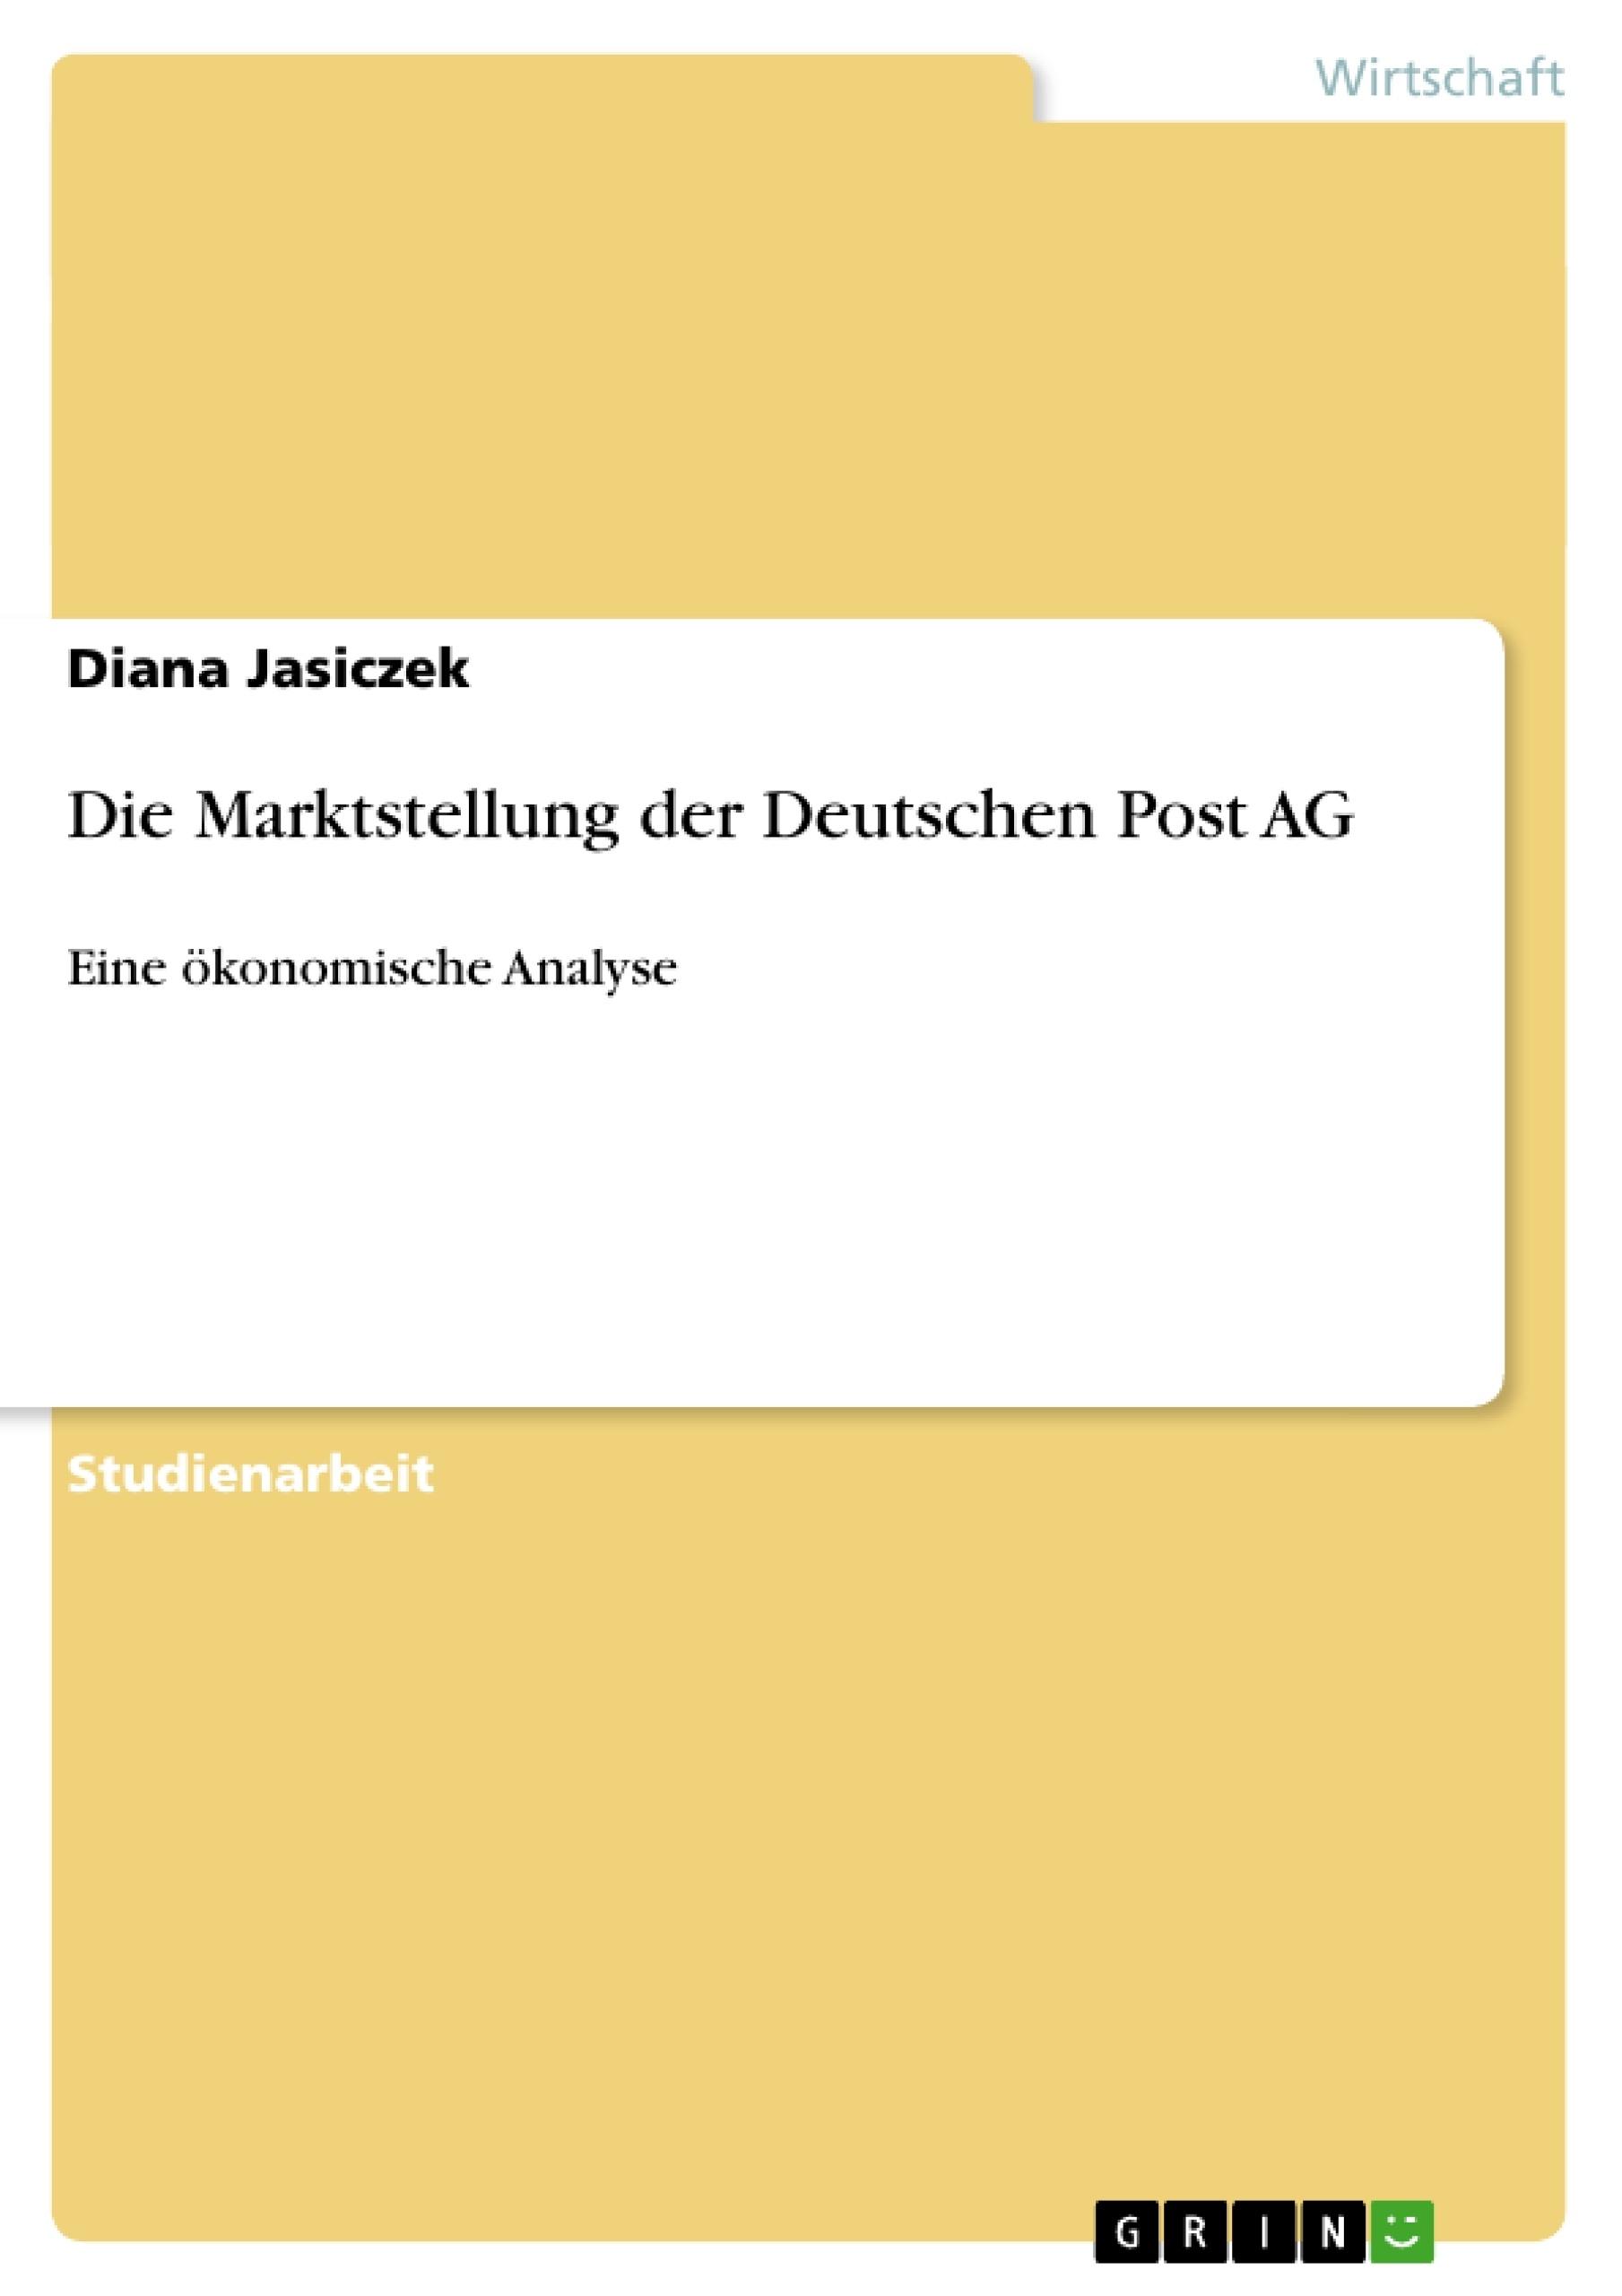 Titel: Die Marktstellung der Deutschen Post AG